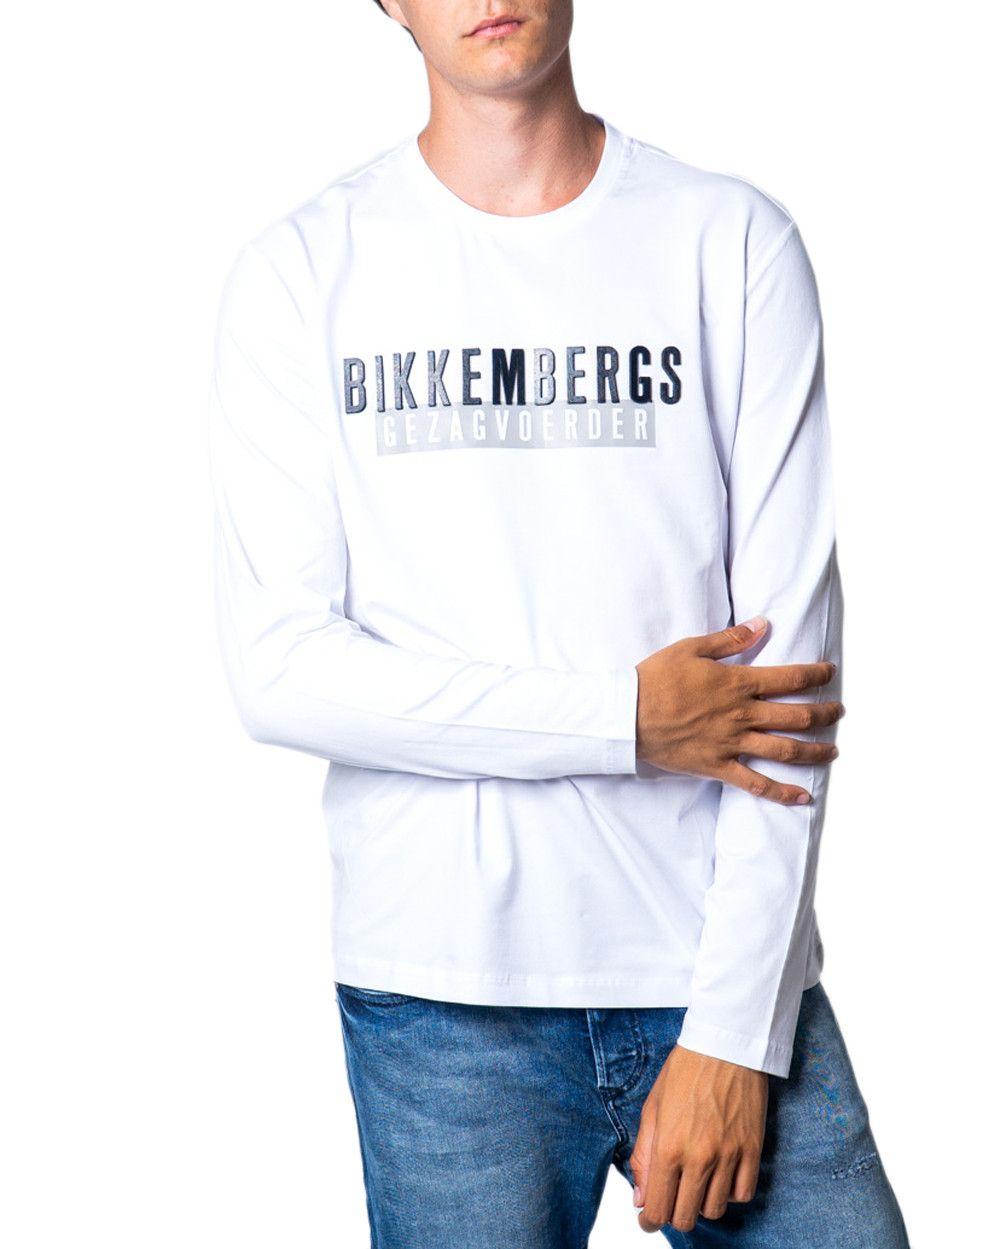 Bikkembergs Men's T-Shirt In White